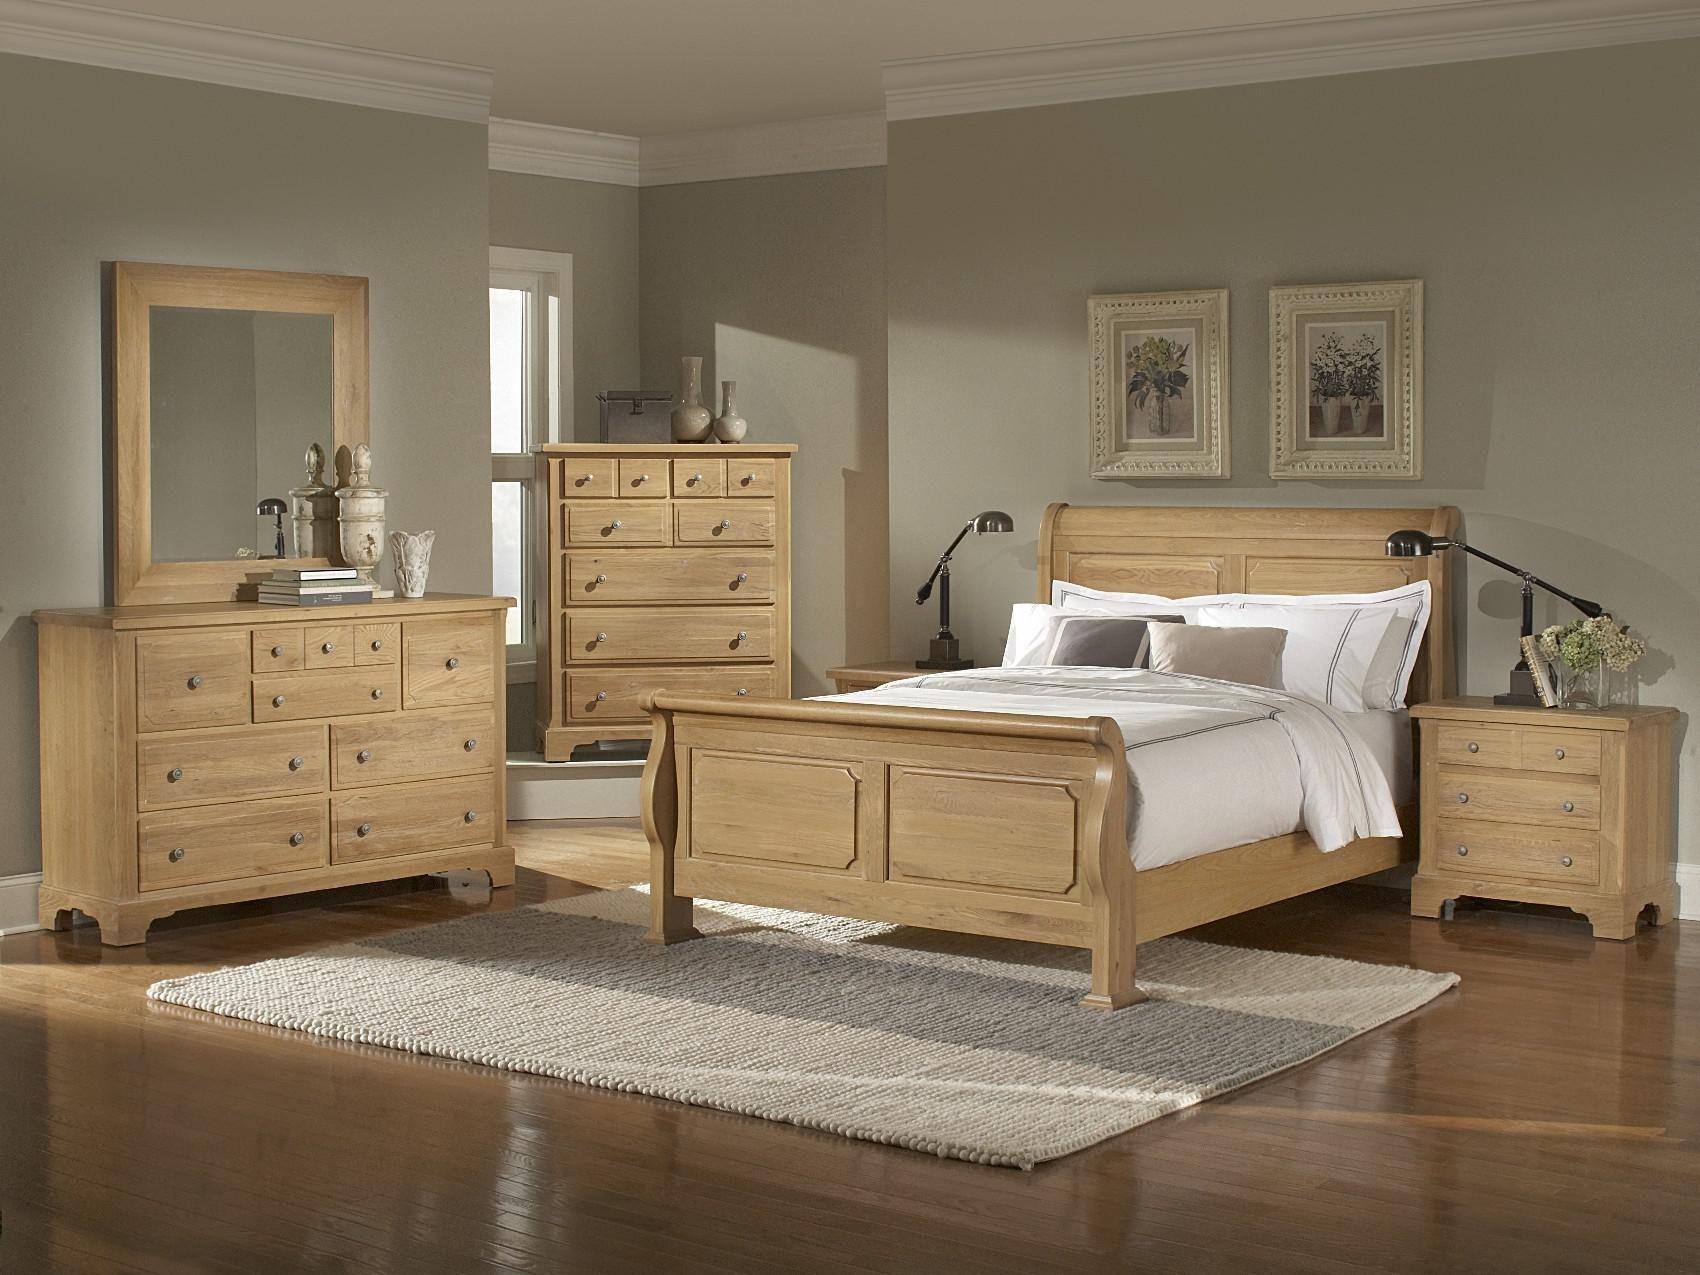 Solid Light Oak Bedroom Furniture Oak bedroom furniture